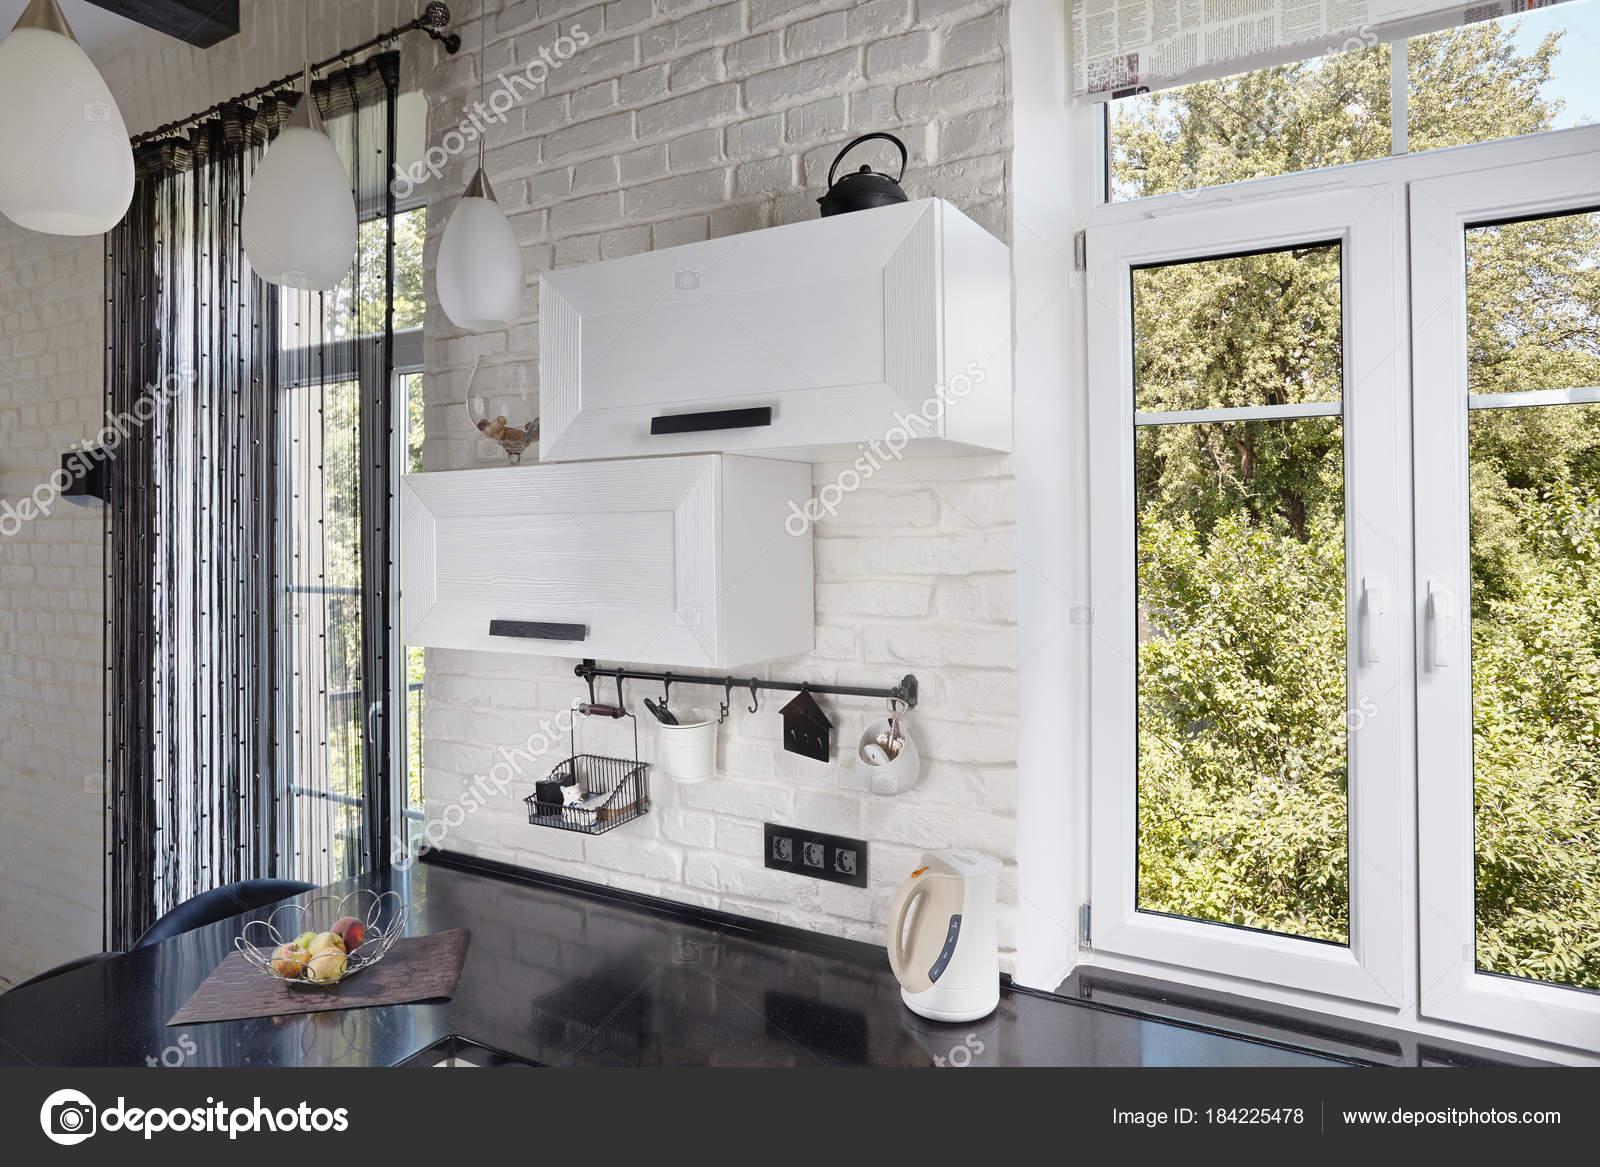 helle k che welche arbeitsplatte k che ikea finanzierung lebenslange garantie wei e braune. Black Bedroom Furniture Sets. Home Design Ideas